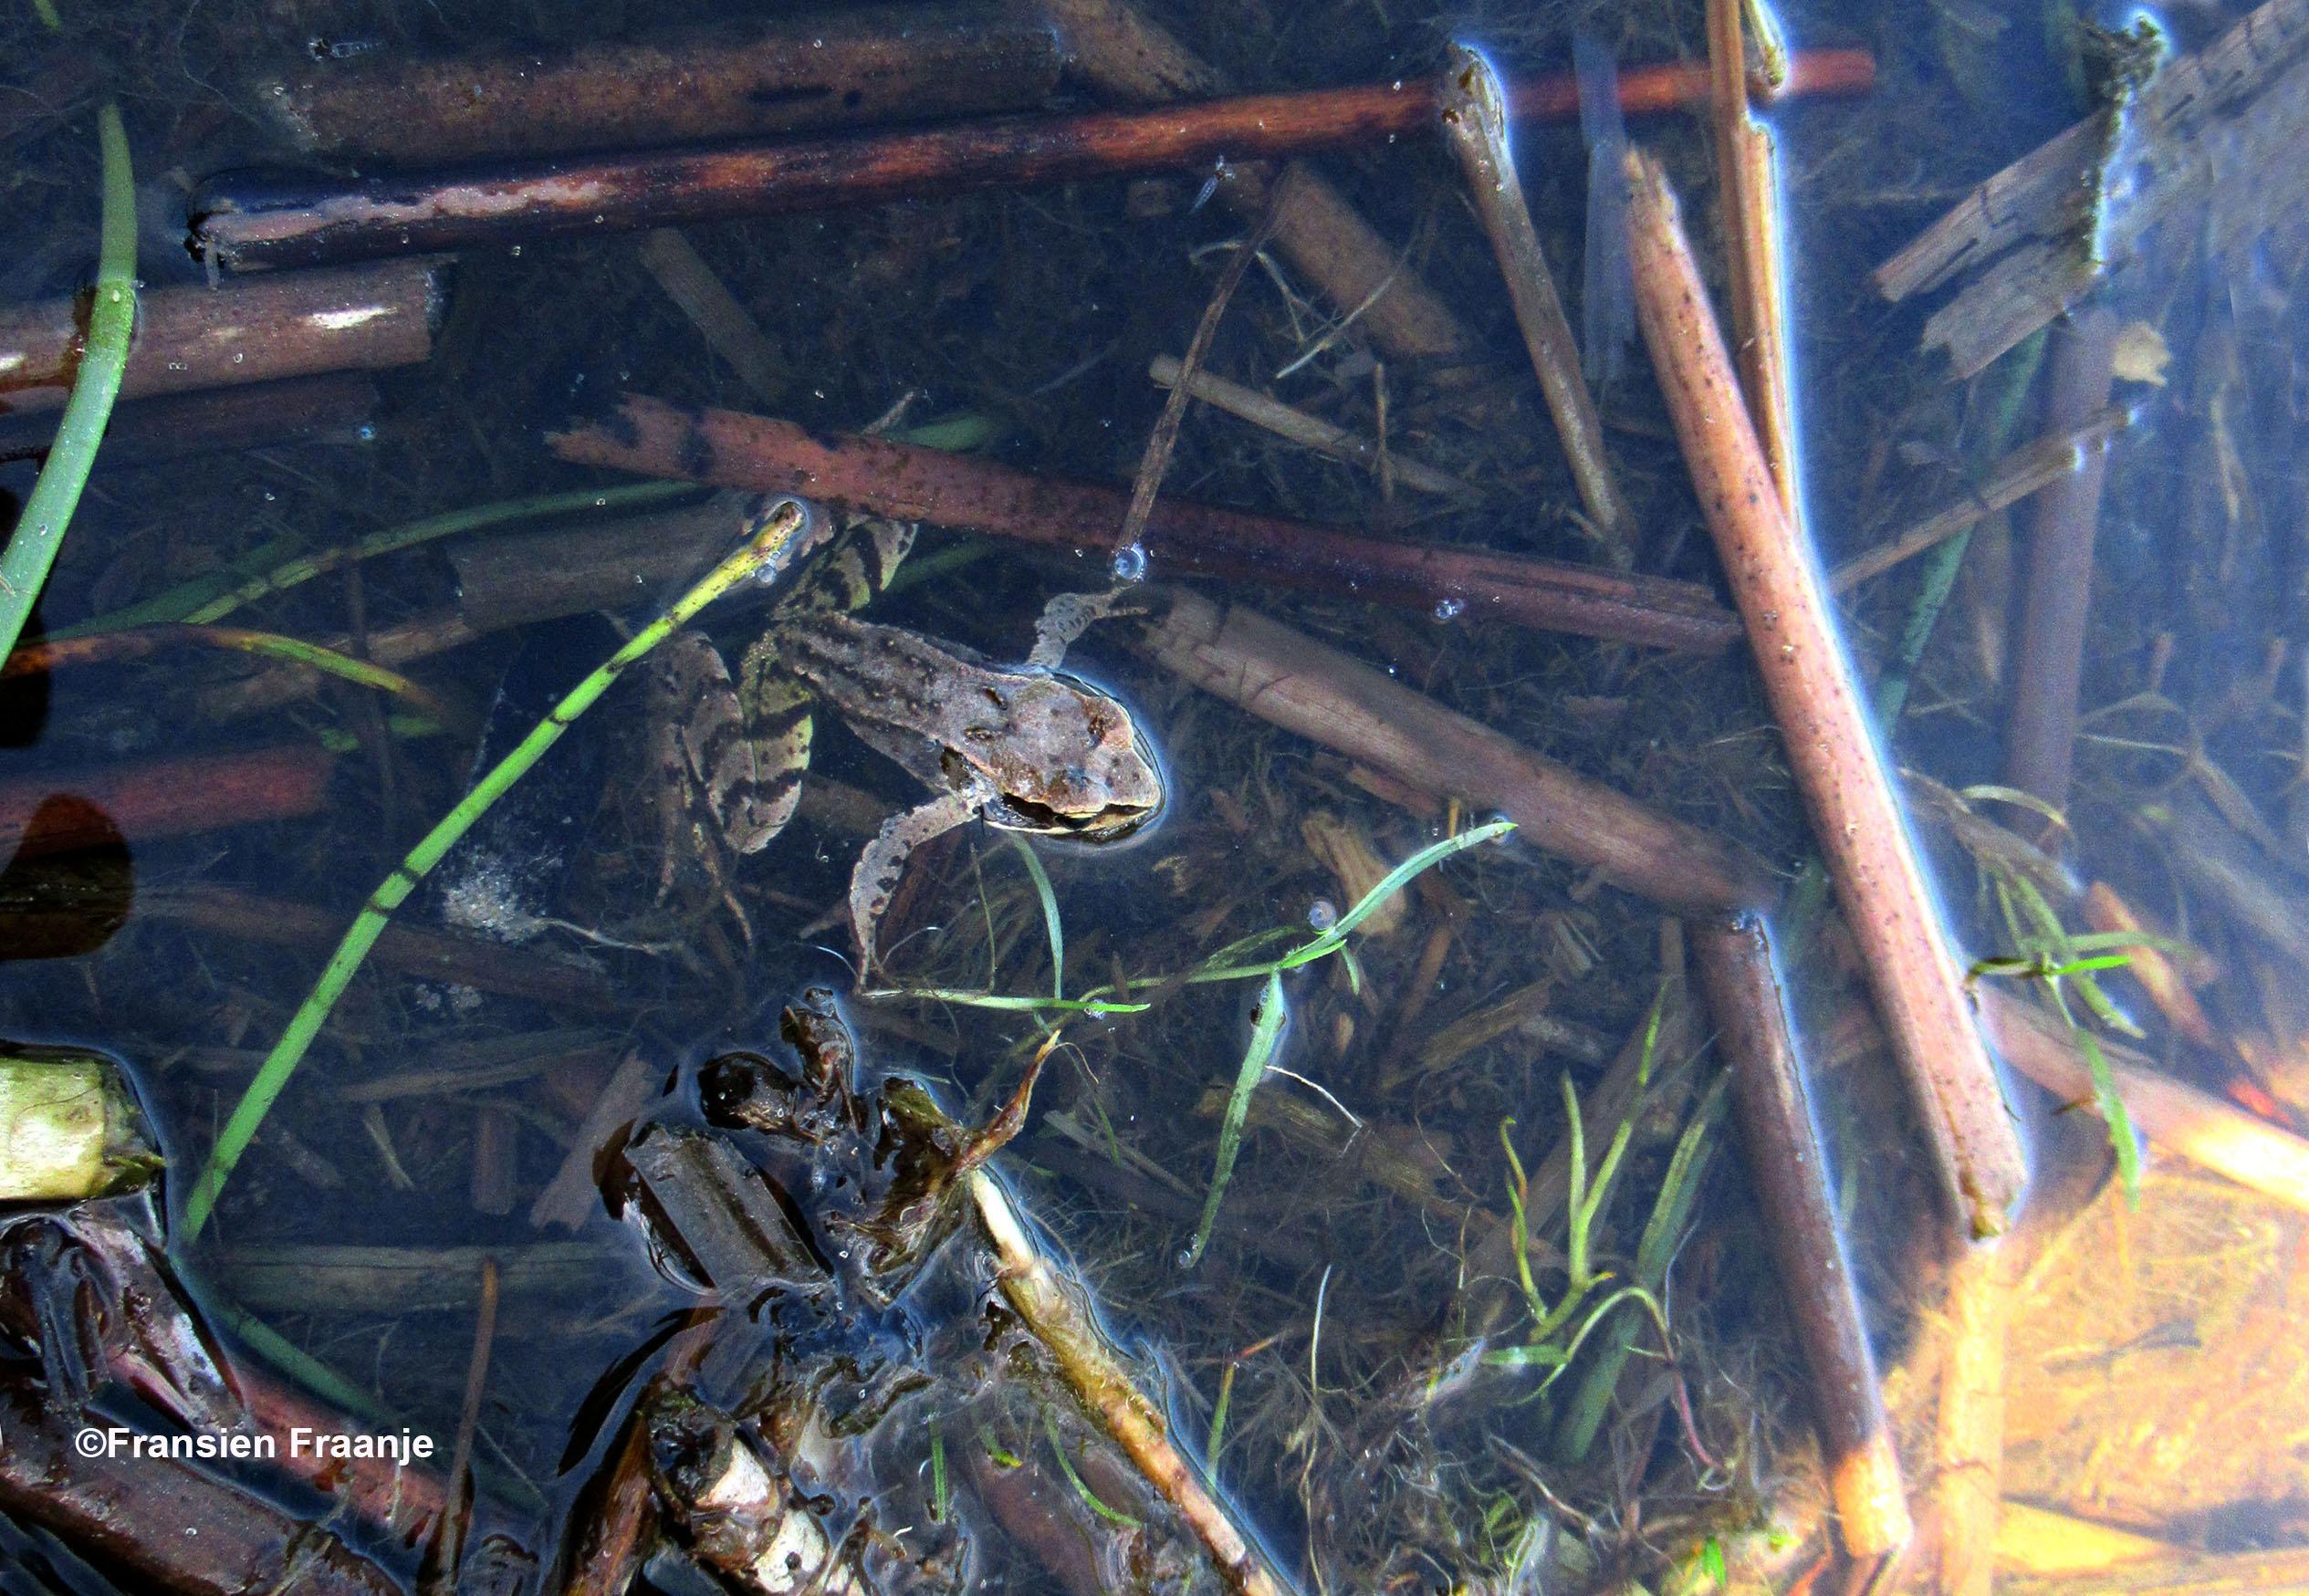 Fransien ontdekt een jonge Heidekikker in het water - Foto: ©Fransien Fraanje